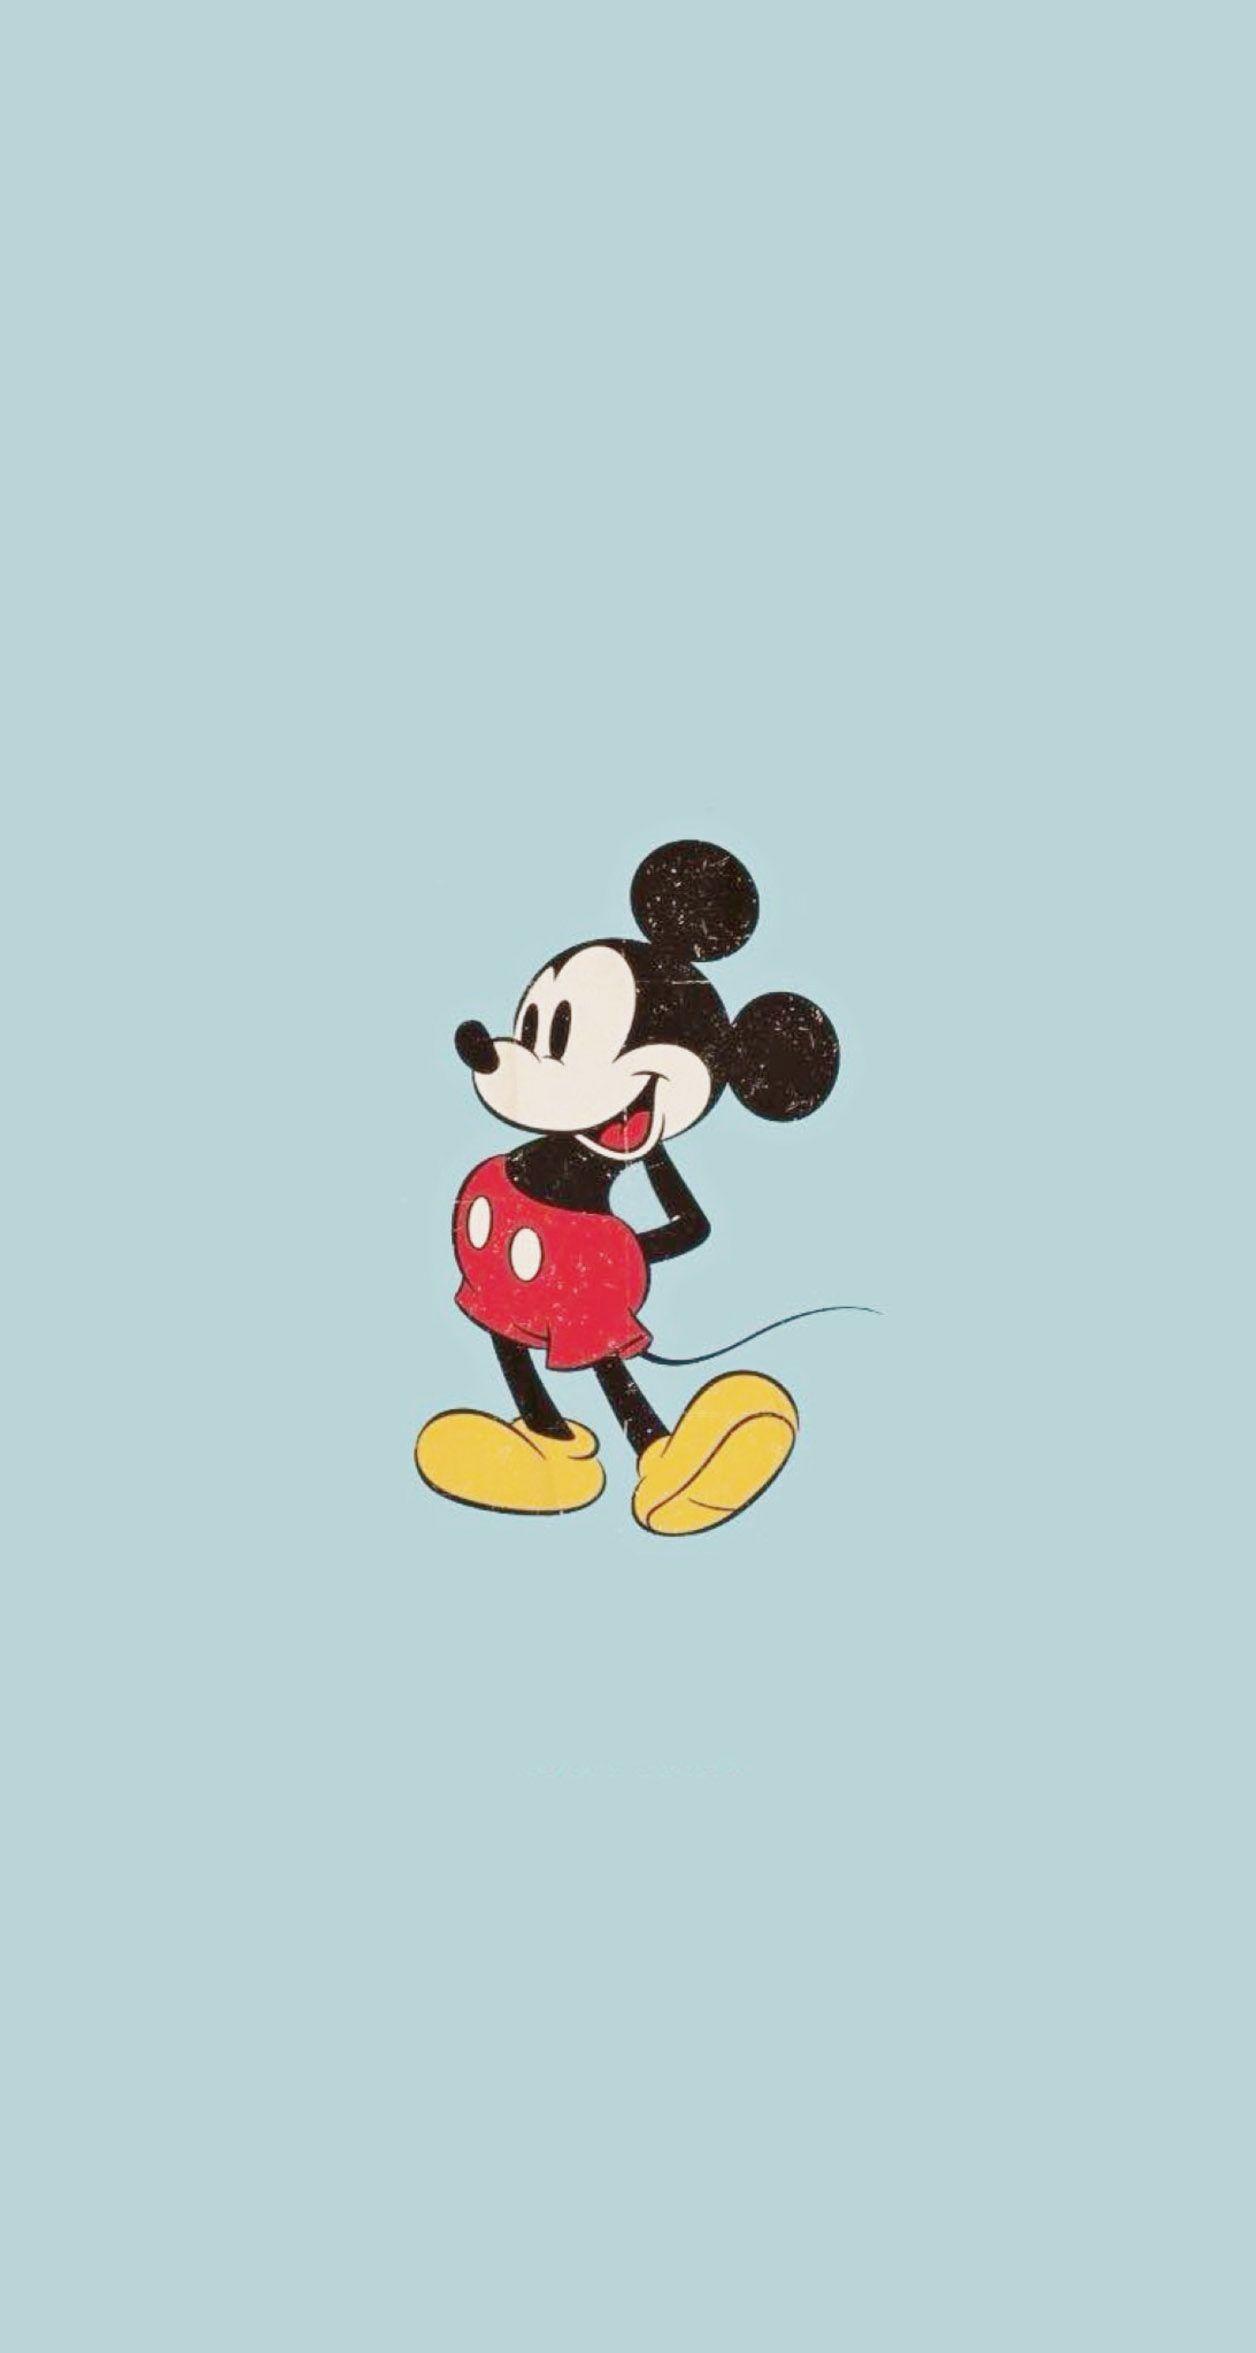 10 Wallpaper Tumblr Disney For Iphone Cute Wallpapers Disney 1256x2353 Download Hd Wallpaper Wallpapertip